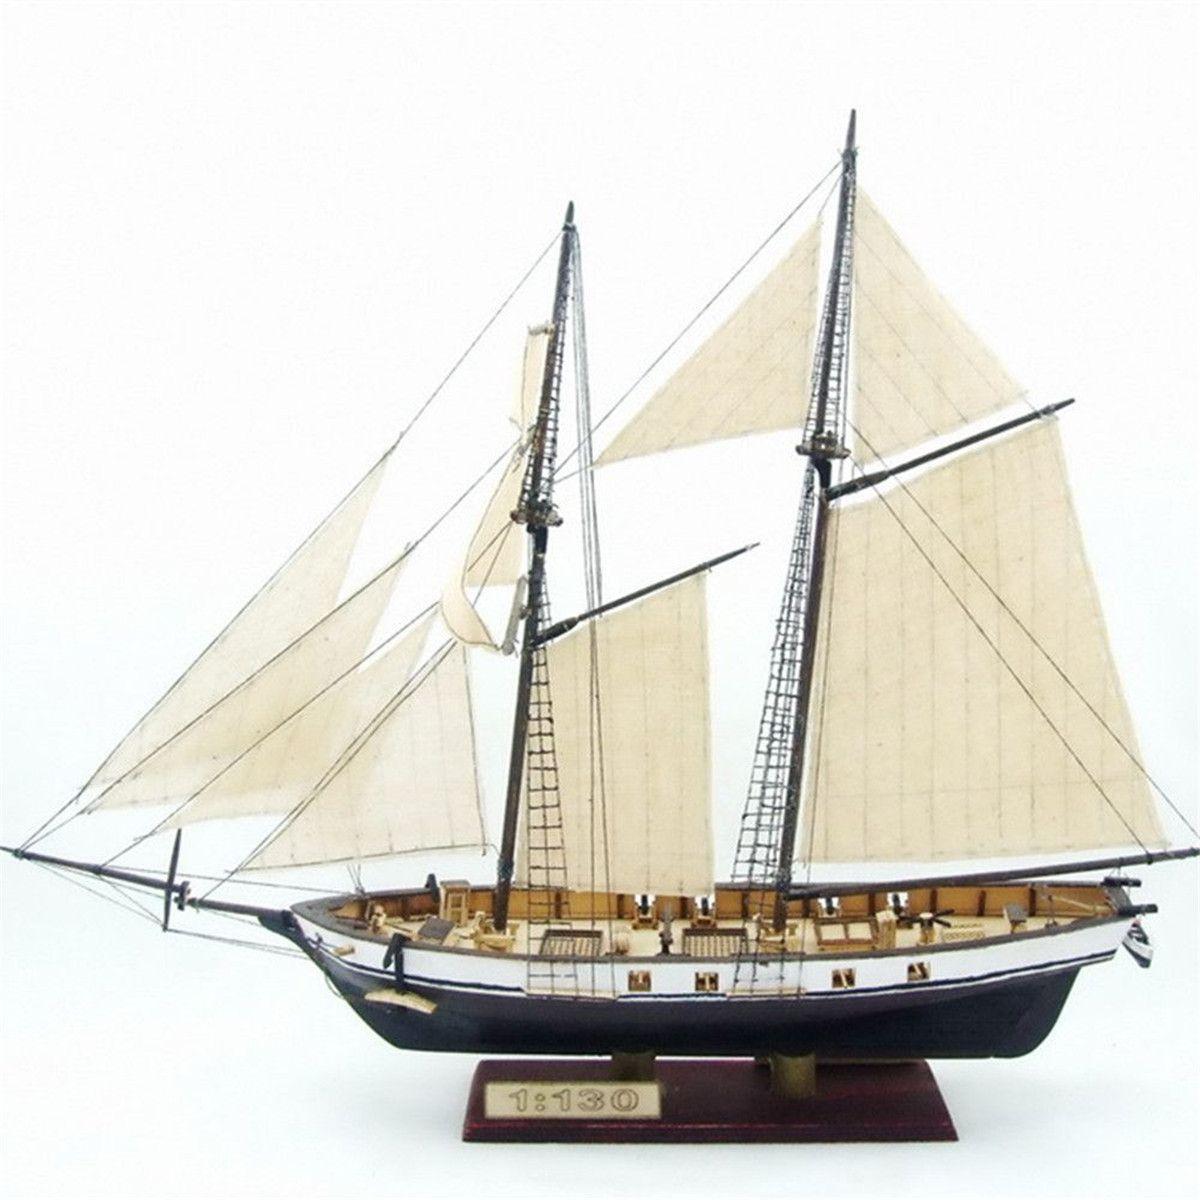 Купить девушка модель парусника из дерева ручной работы как заработать на чатурбейте моделью